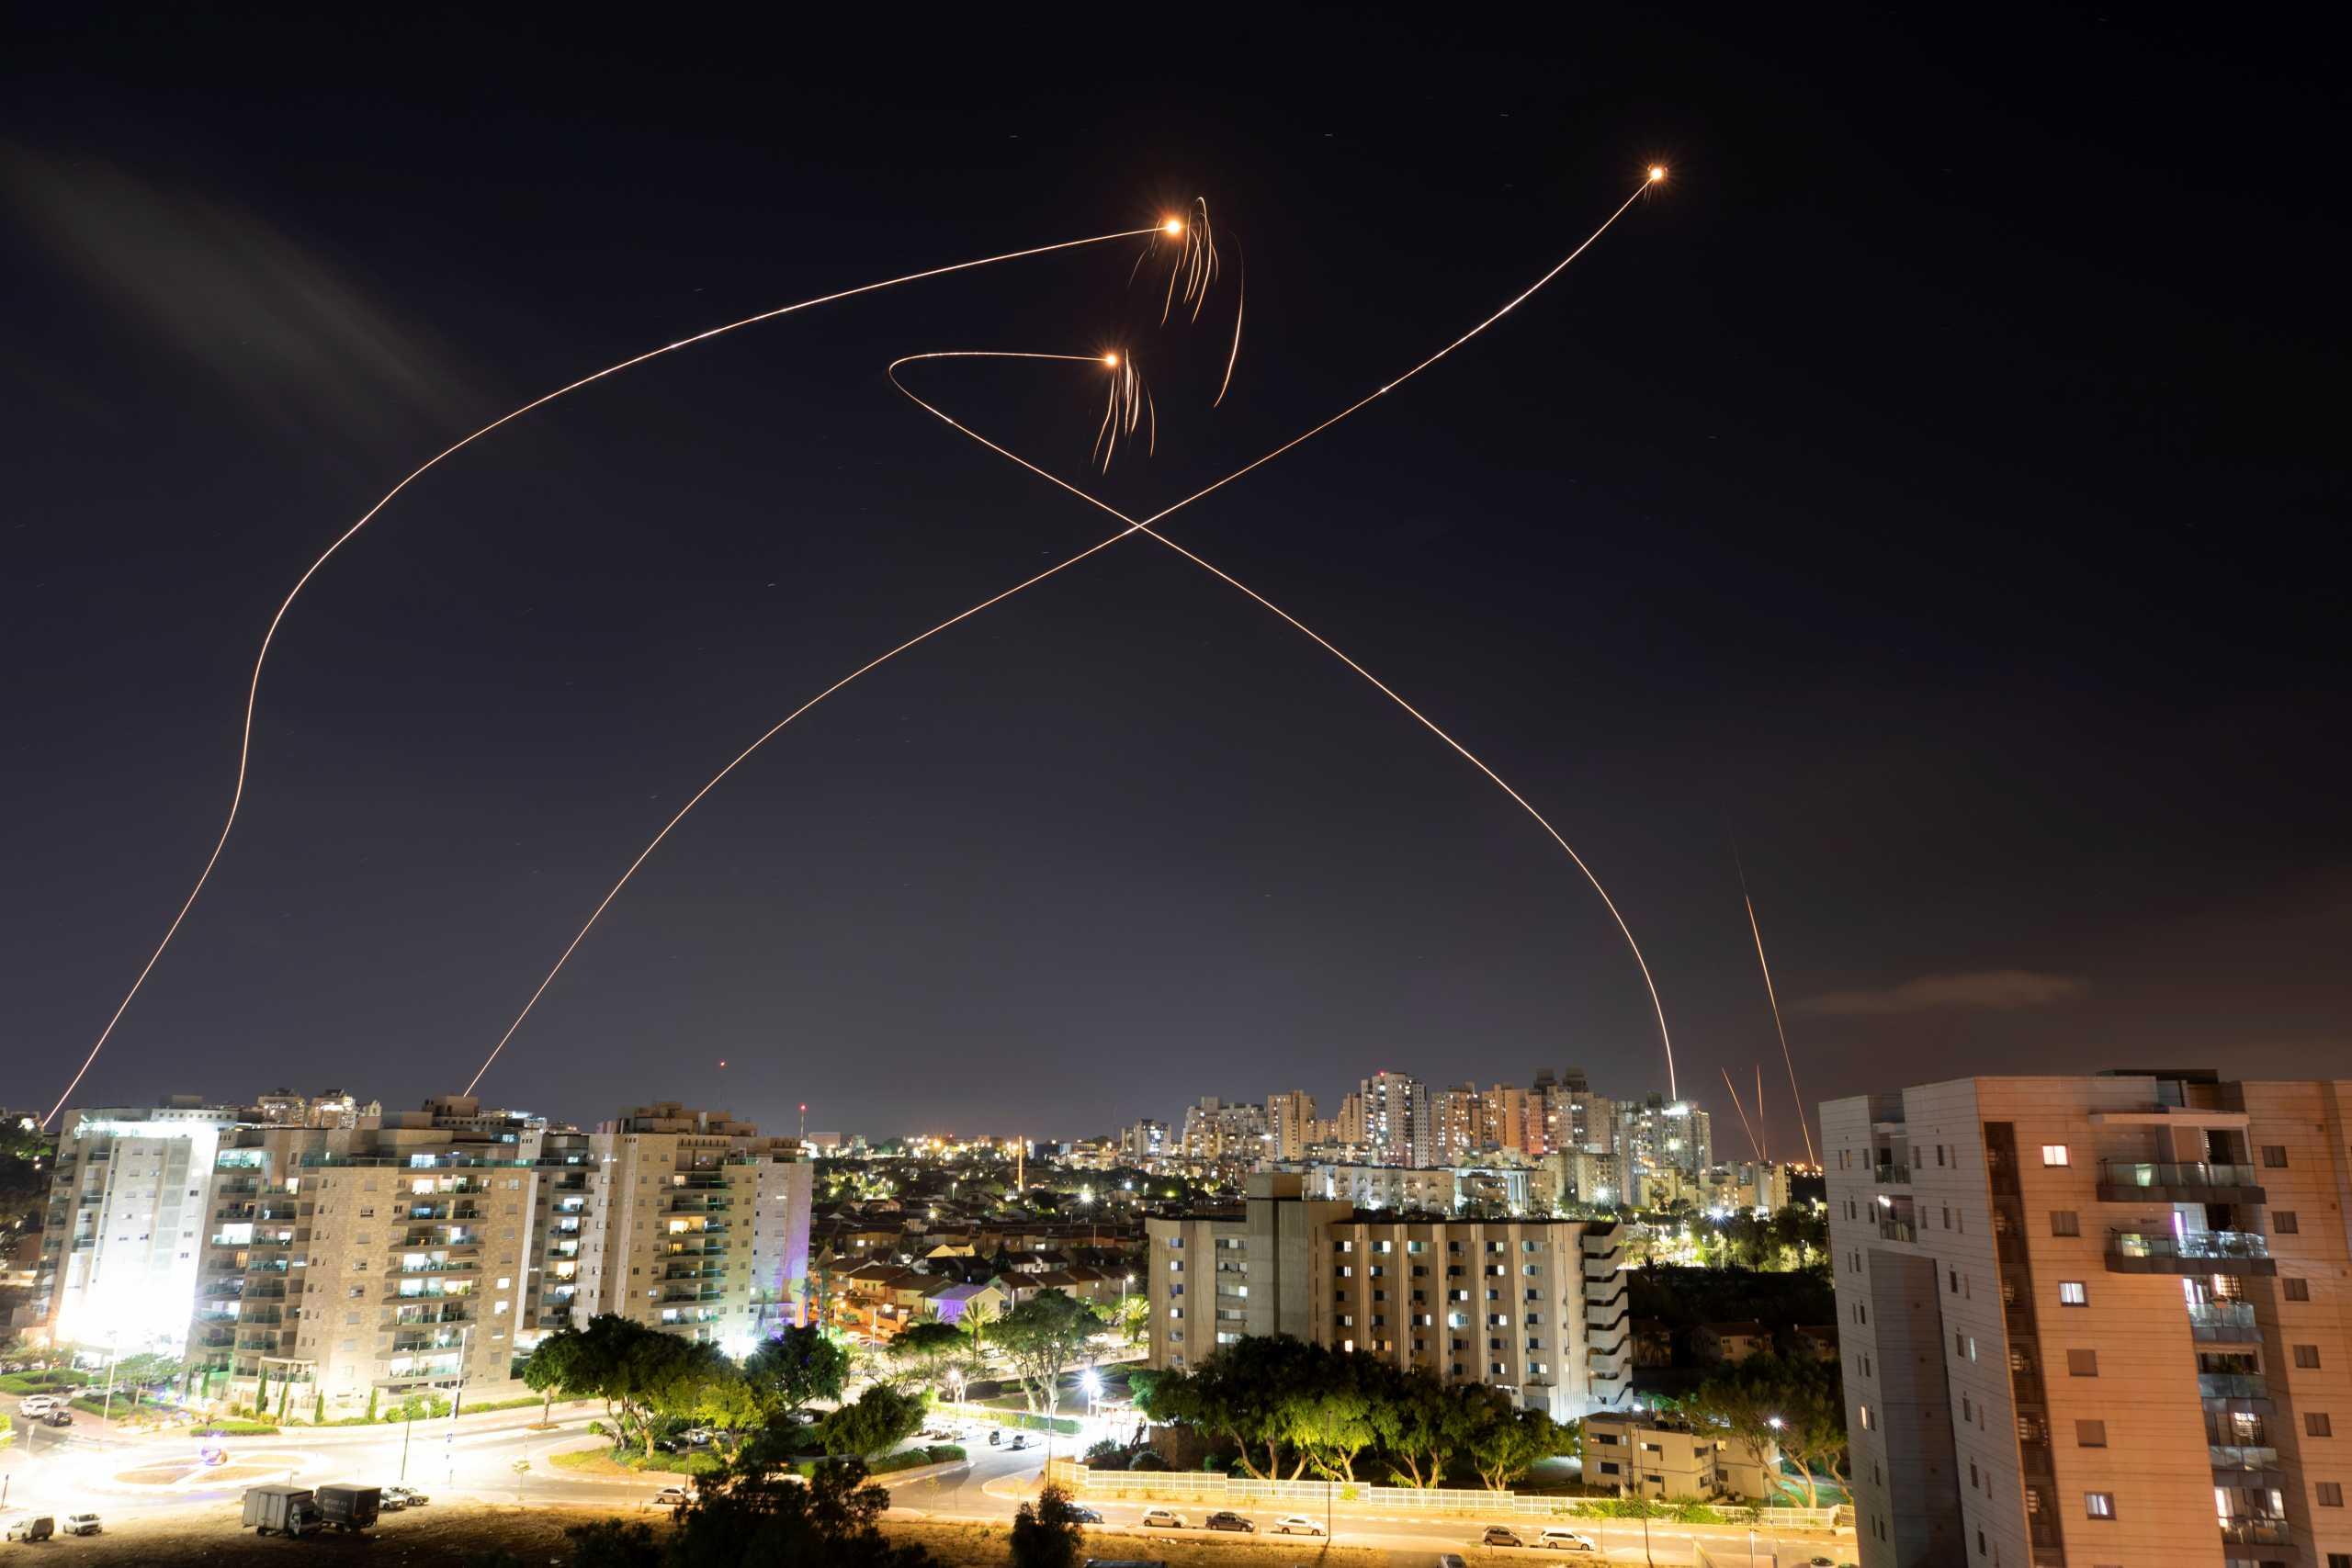 Συρία: Εκτόξευσε τρεις ρουκέτες σε περιοχές του Ισραήλ